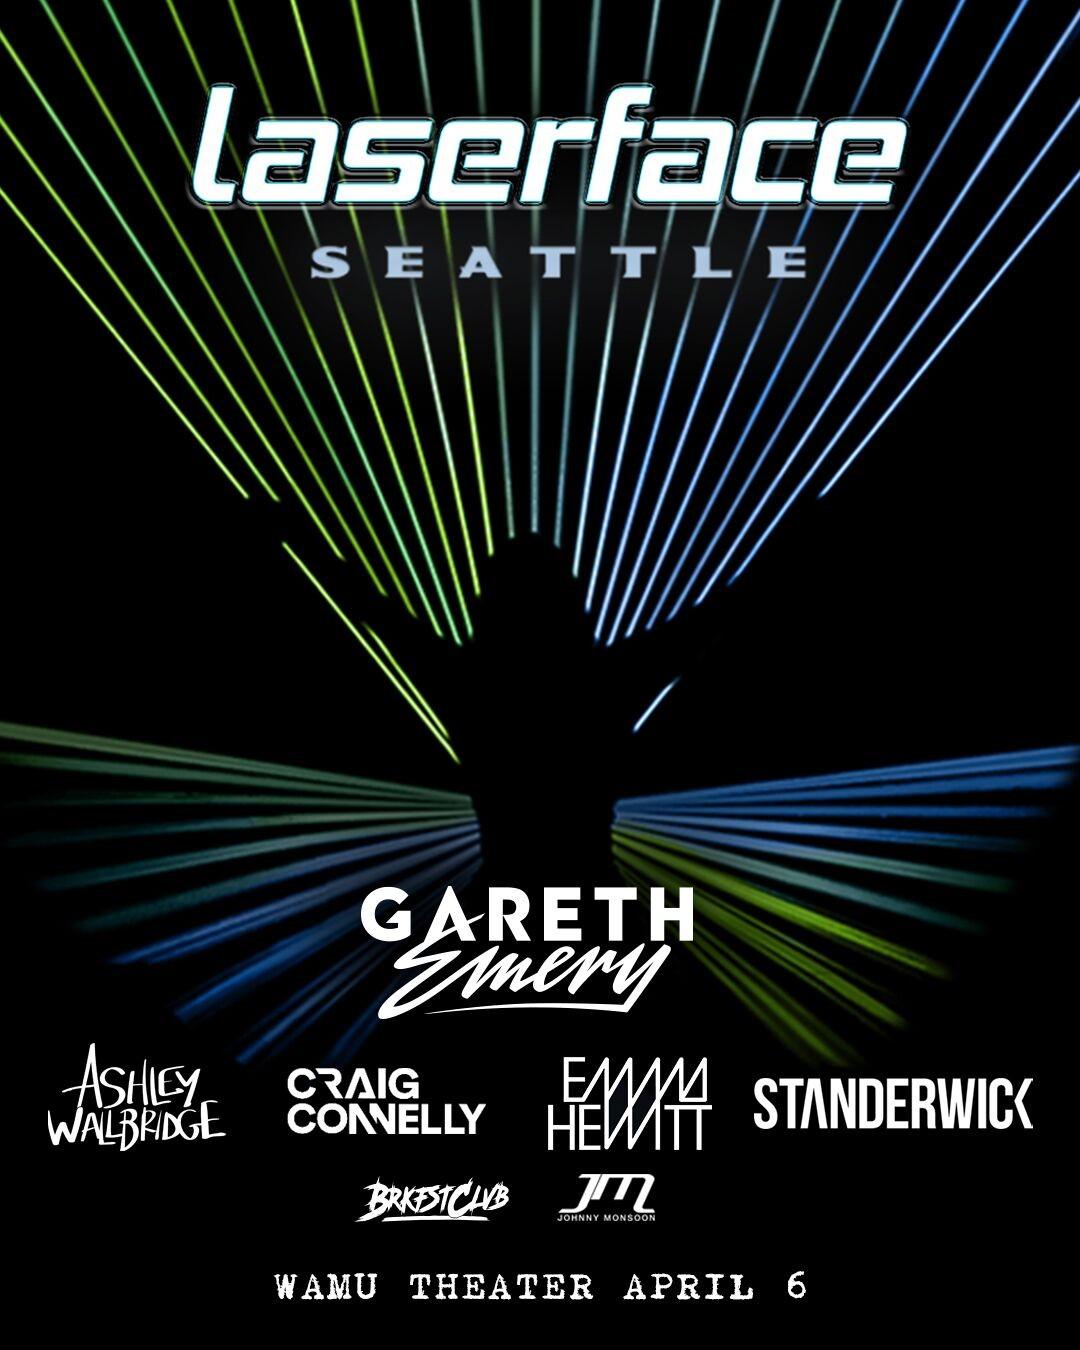 Gareth Emery: Laserface